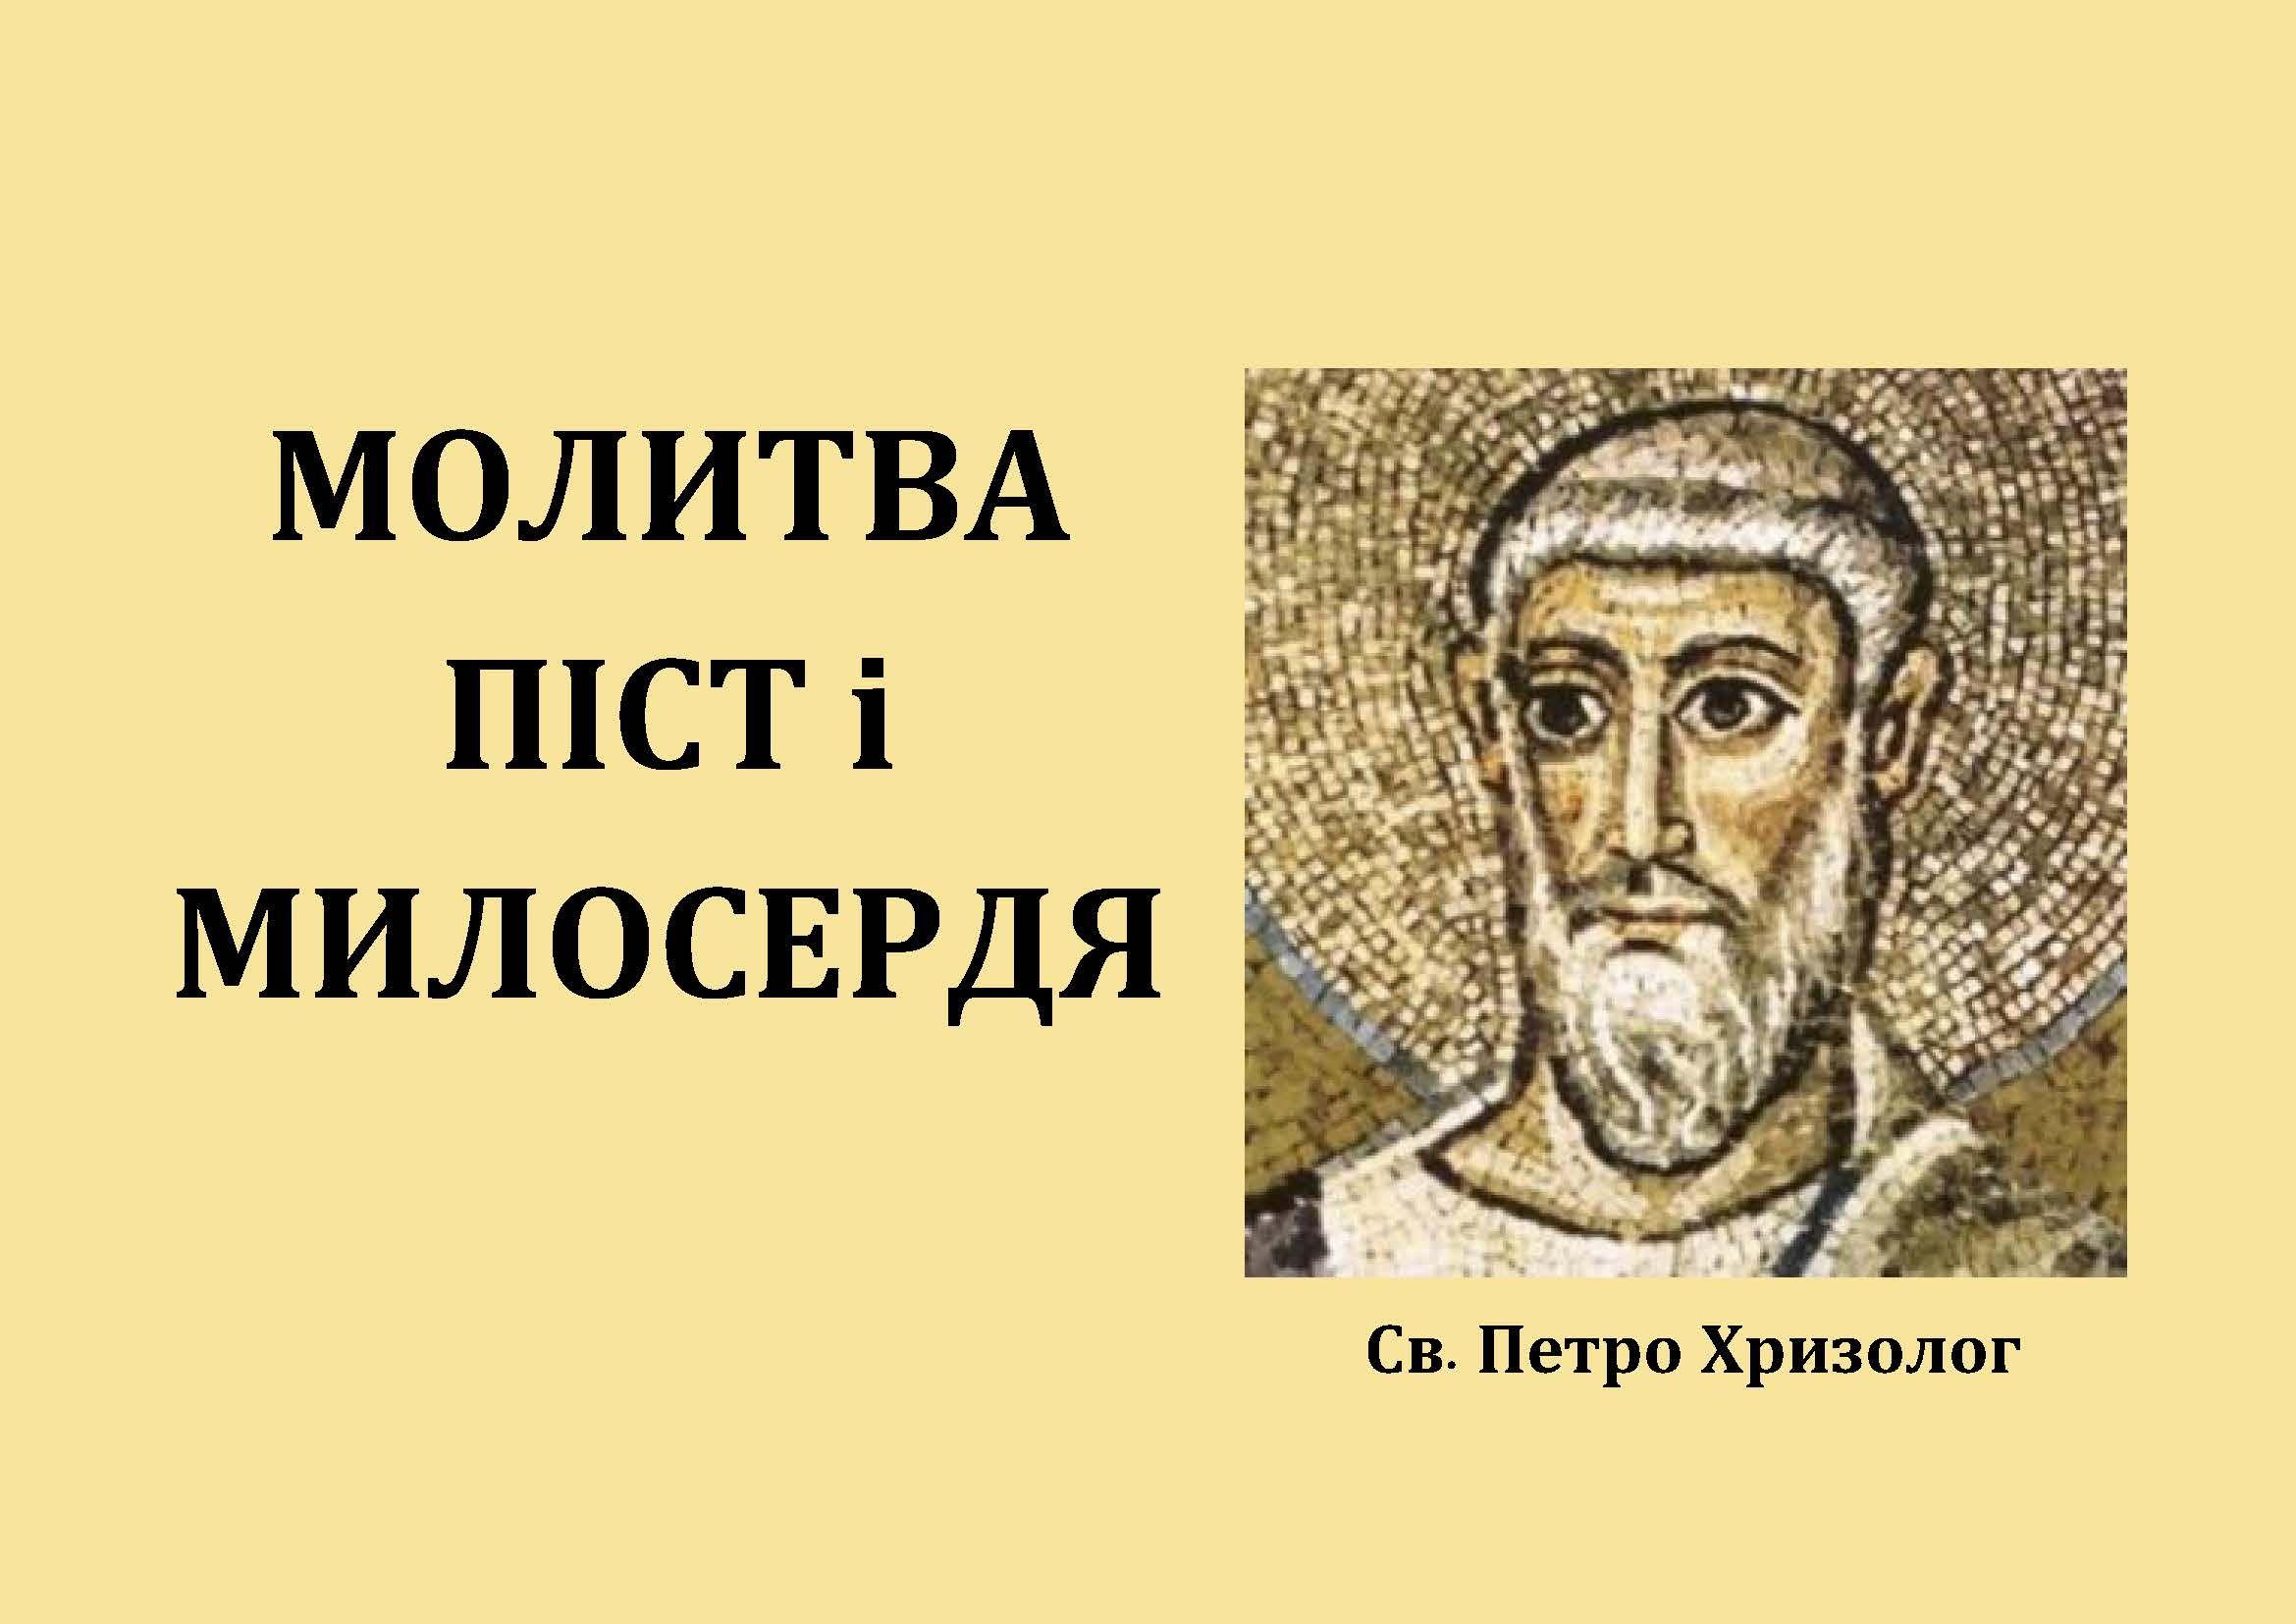 Св. Петро Хризолог: МОЛИТВА, ПІСТ і МИЛОСЕРДЯ